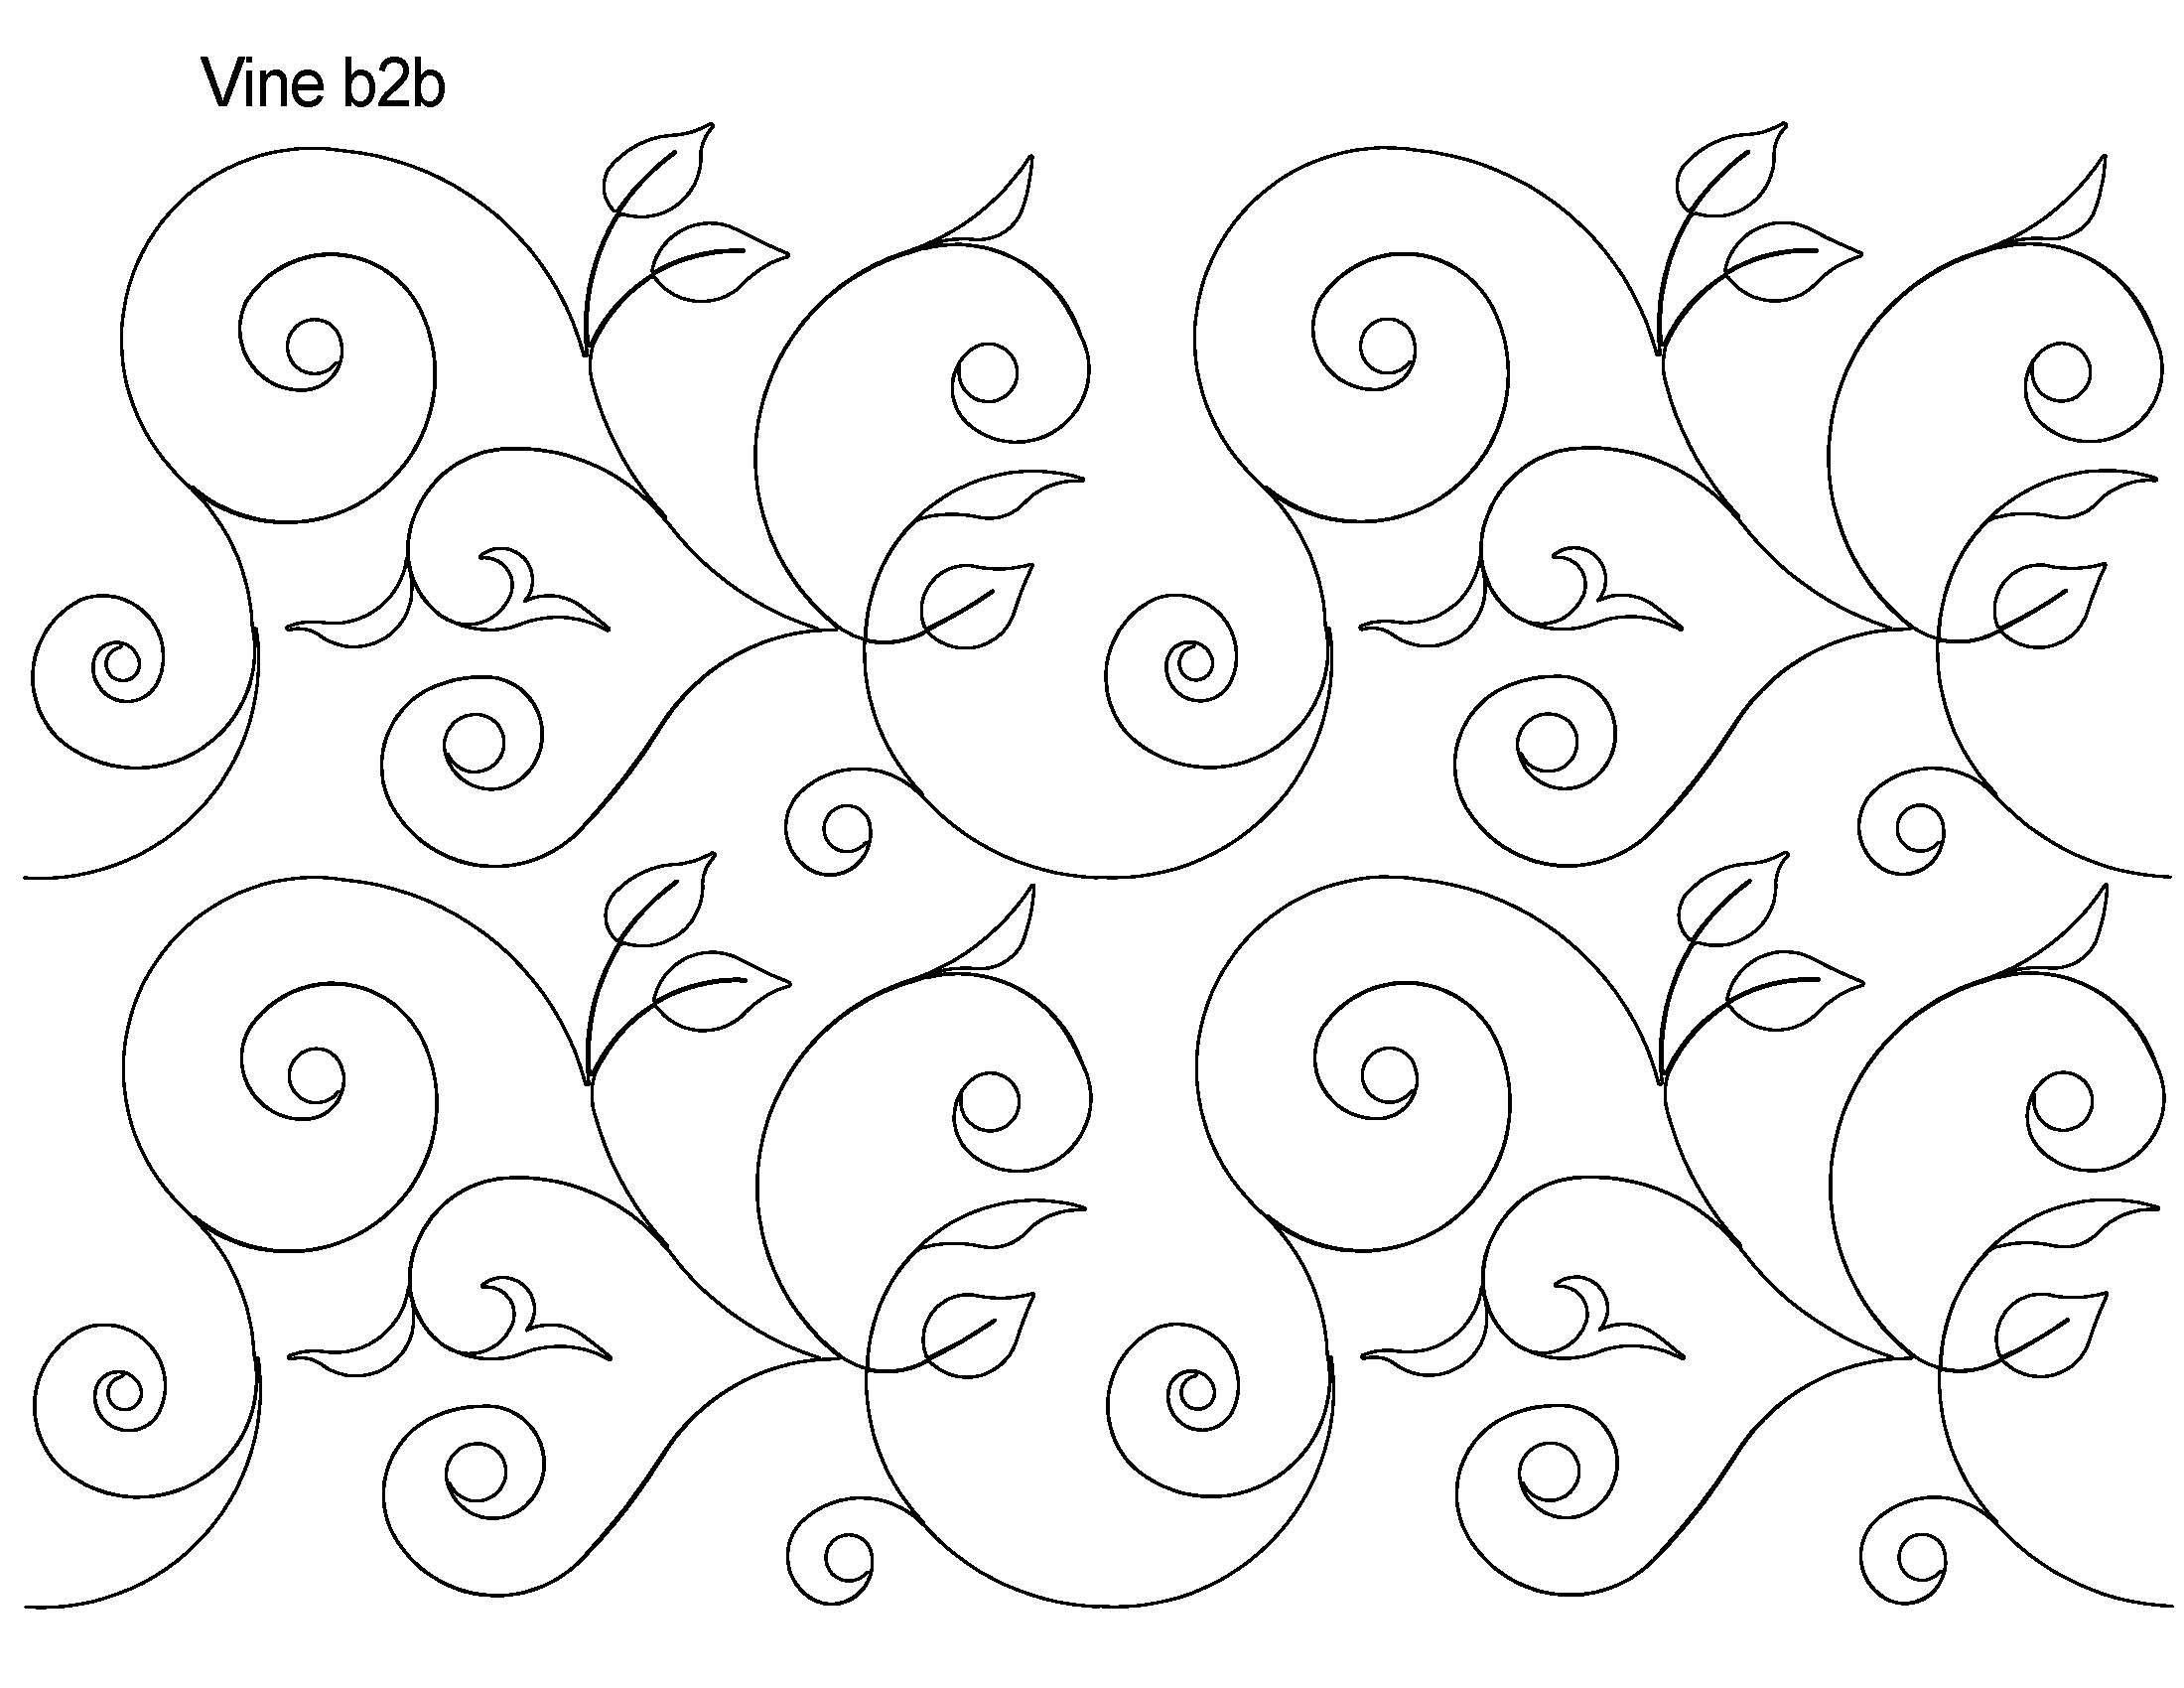 Long Arm Digital Quilting Designs : Vine b2b - Edge To Edge - Digital Quilting Designs - Edge to Edge Pinterest Vines, Free ...